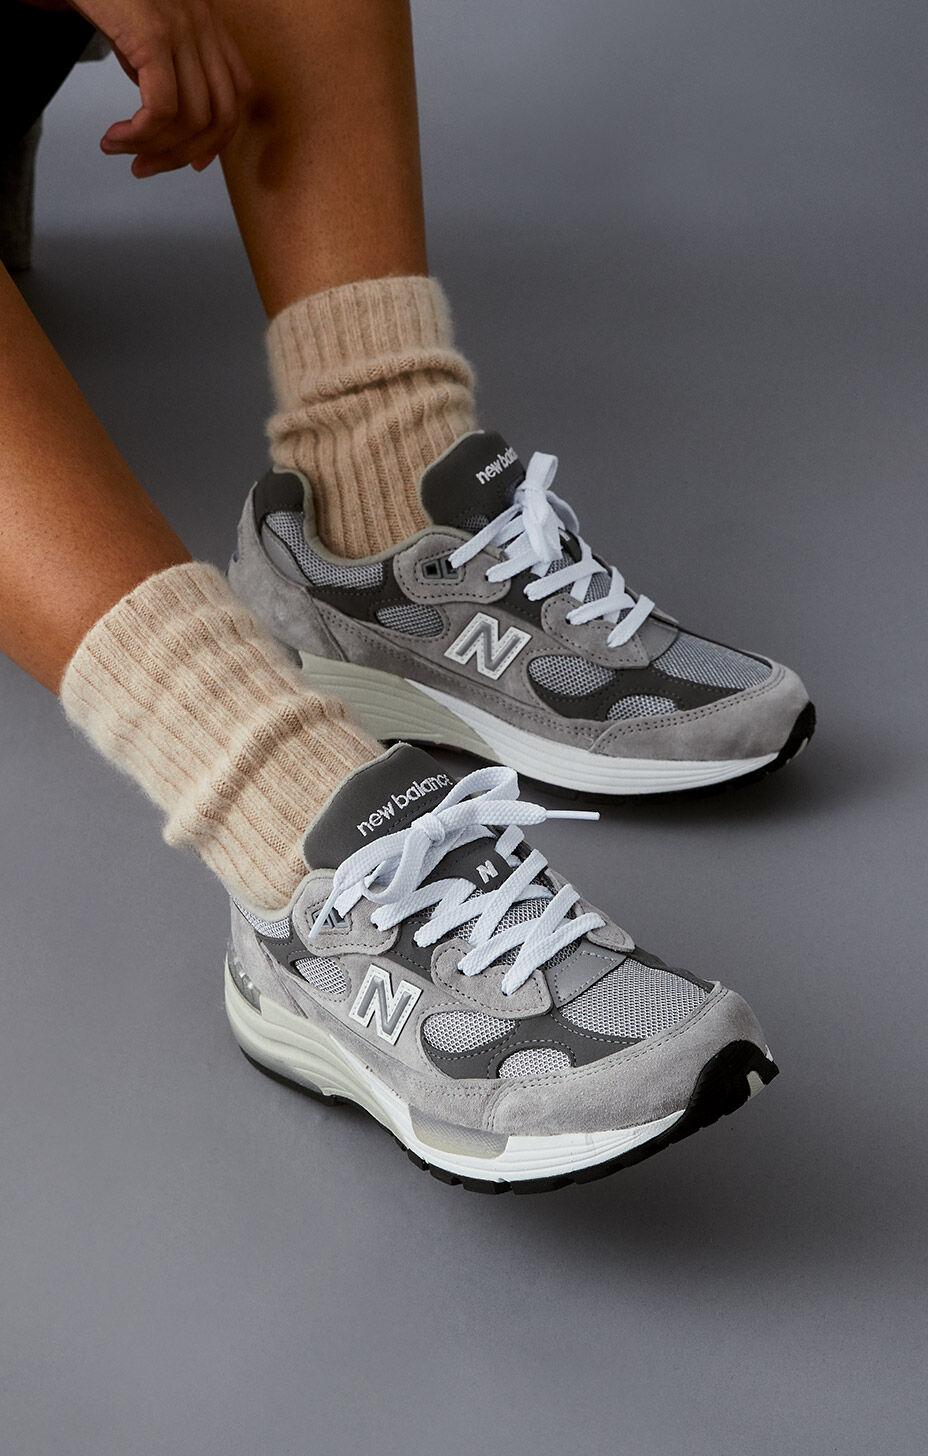 Scarpe e Abbigliamento New Balance® | Sito ufficiale - New Balance